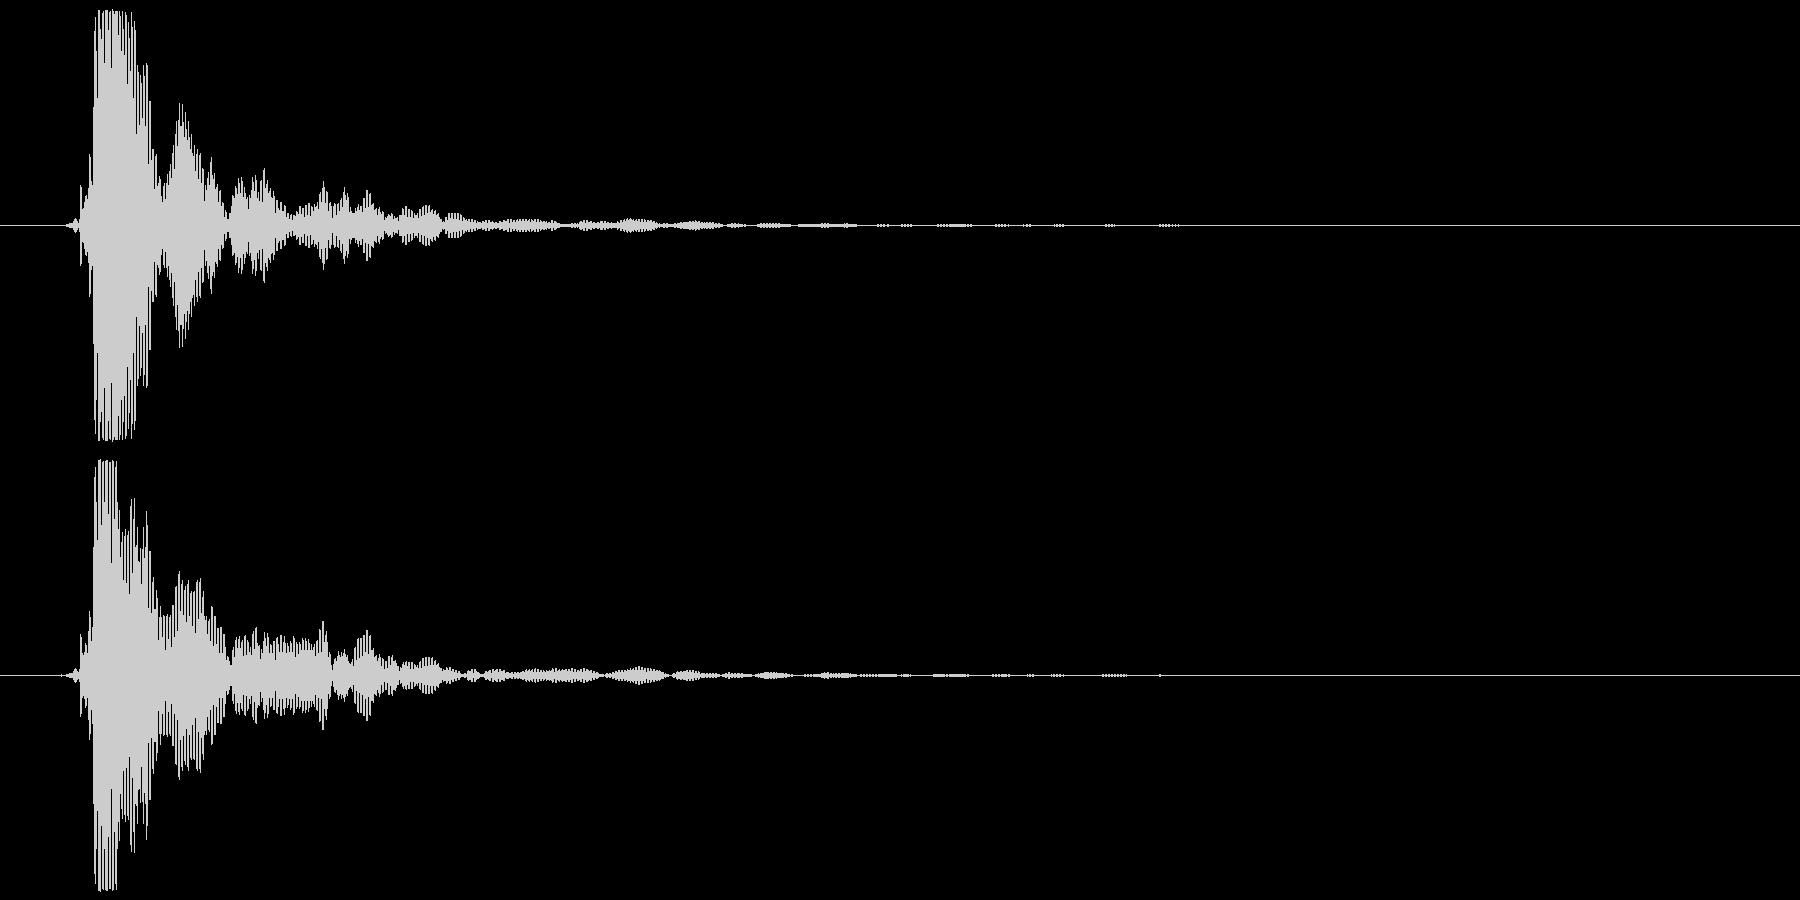 ポン (テロップ音、選択音風)②の未再生の波形